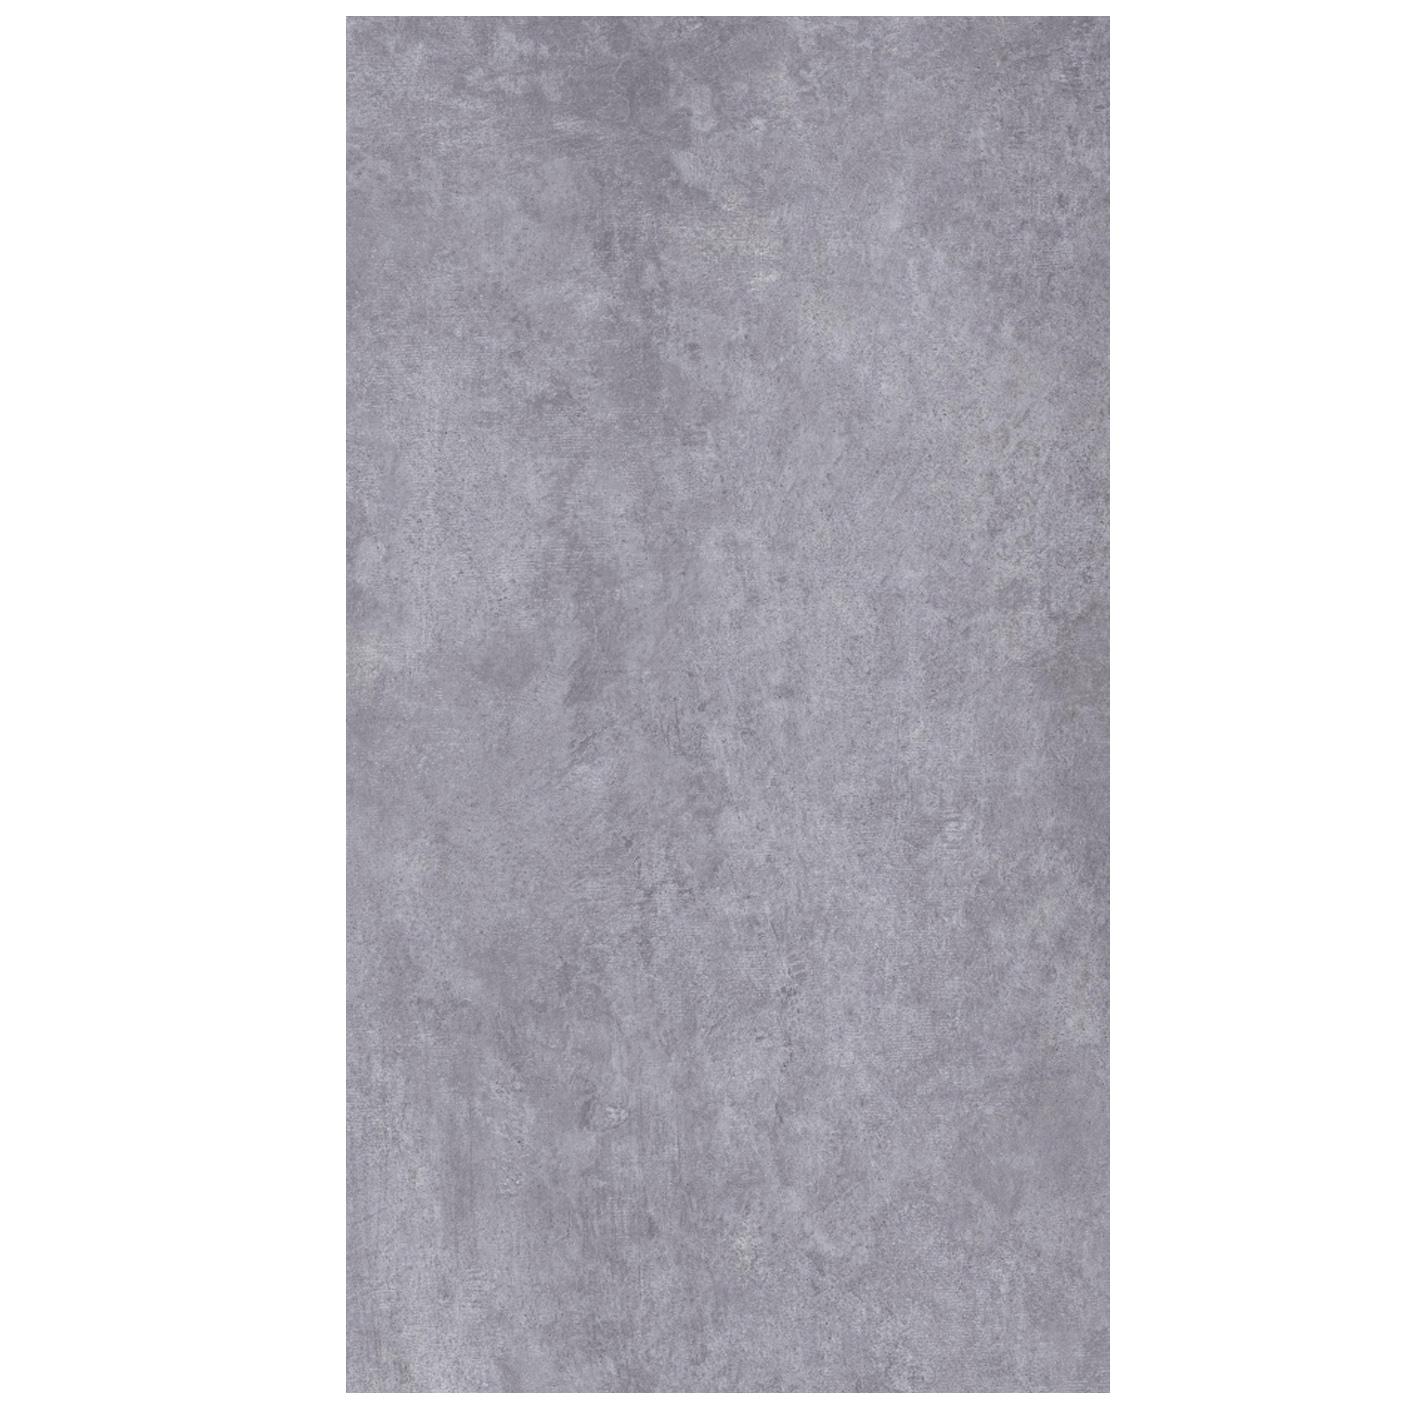 60*120 Lava D.Gray 1.KALİTE (1PKT=1,44M²)